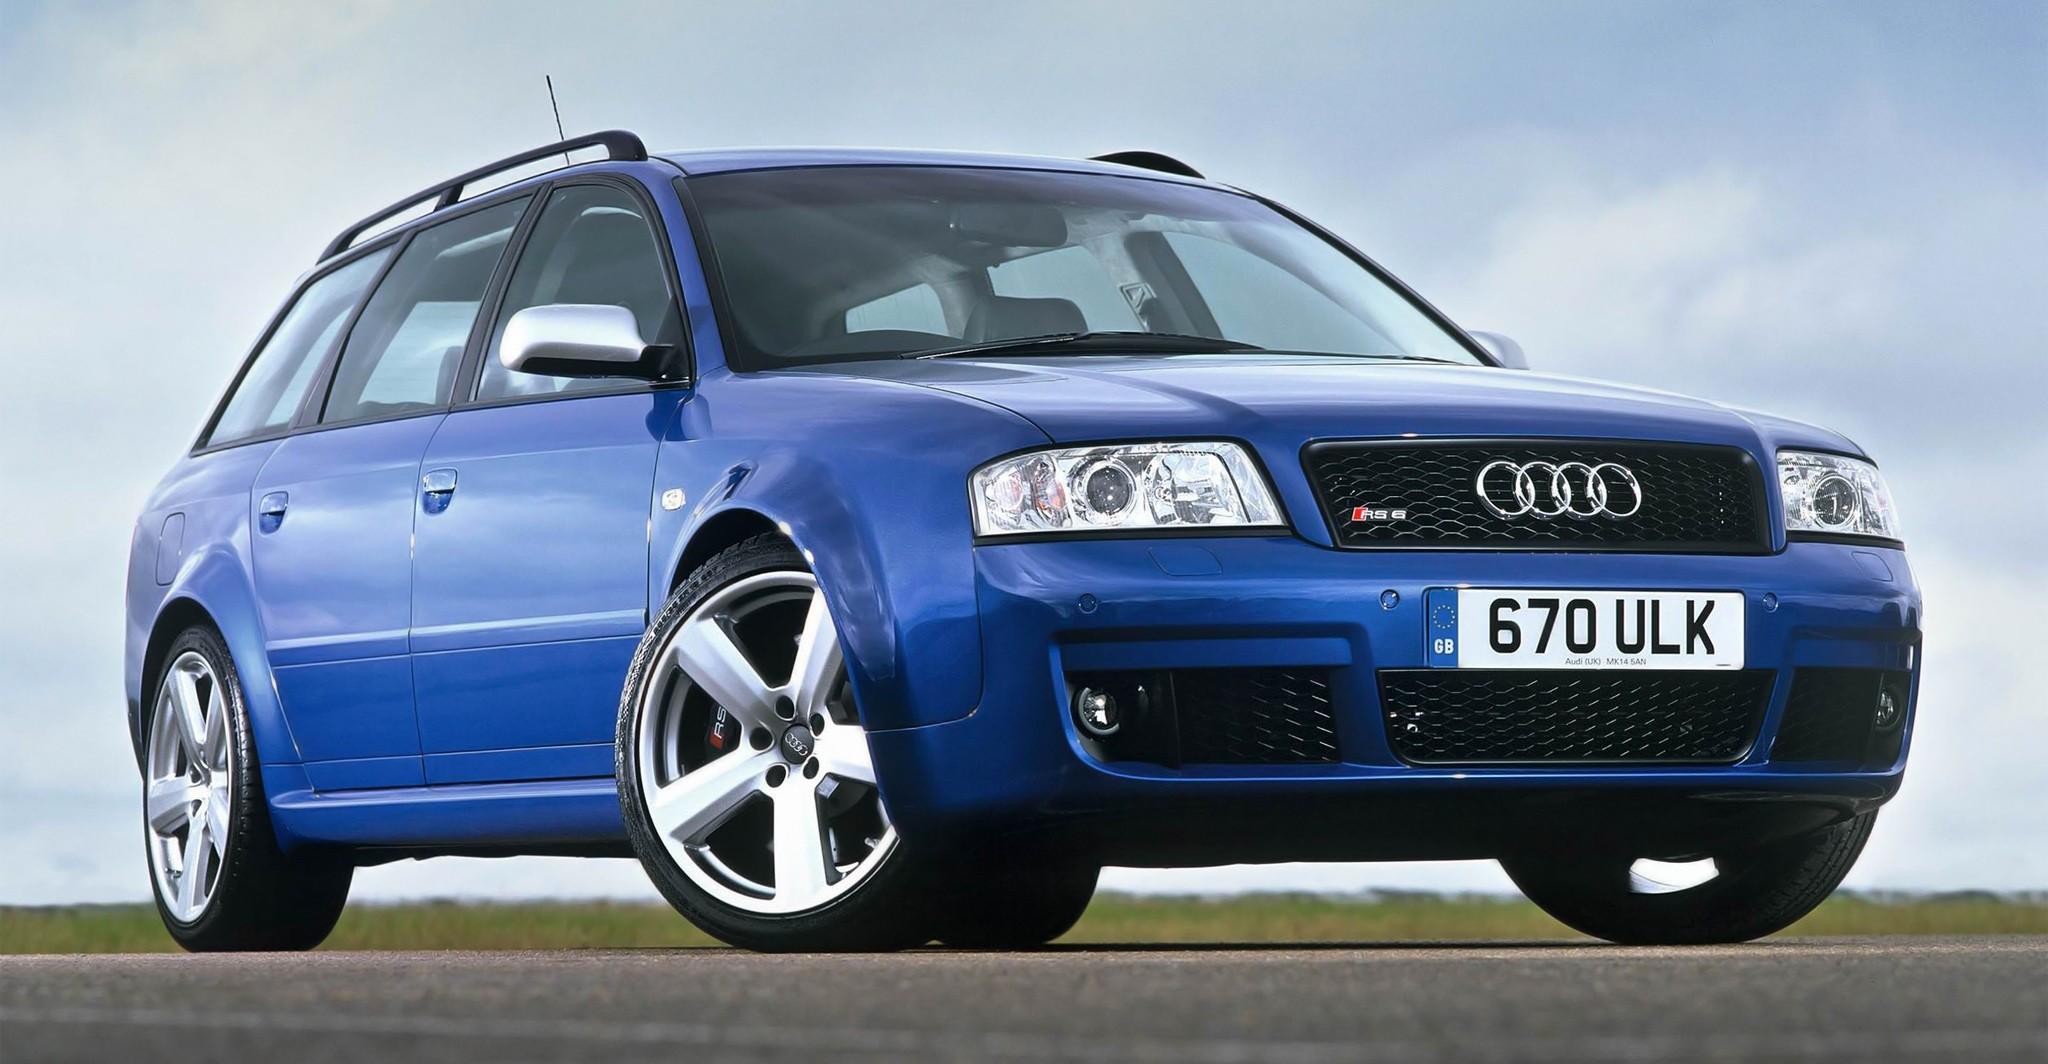 El Audi RS 6 C5 de 2002 podría ser una gran inversión ...